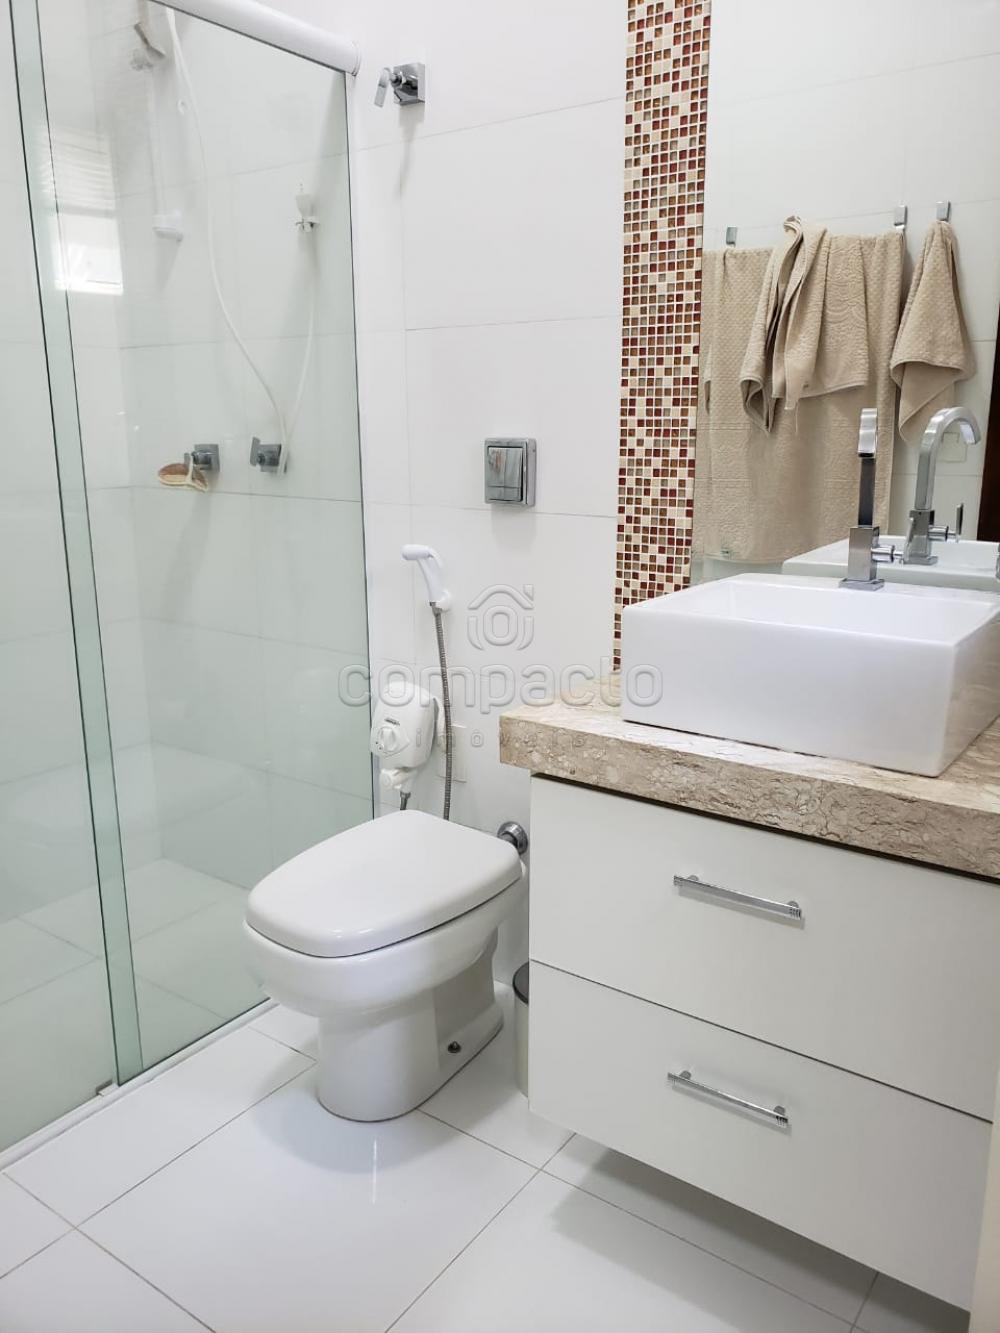 Comprar Casa / Padrão em São José do Rio Preto apenas R$ 740.000,00 - Foto 15